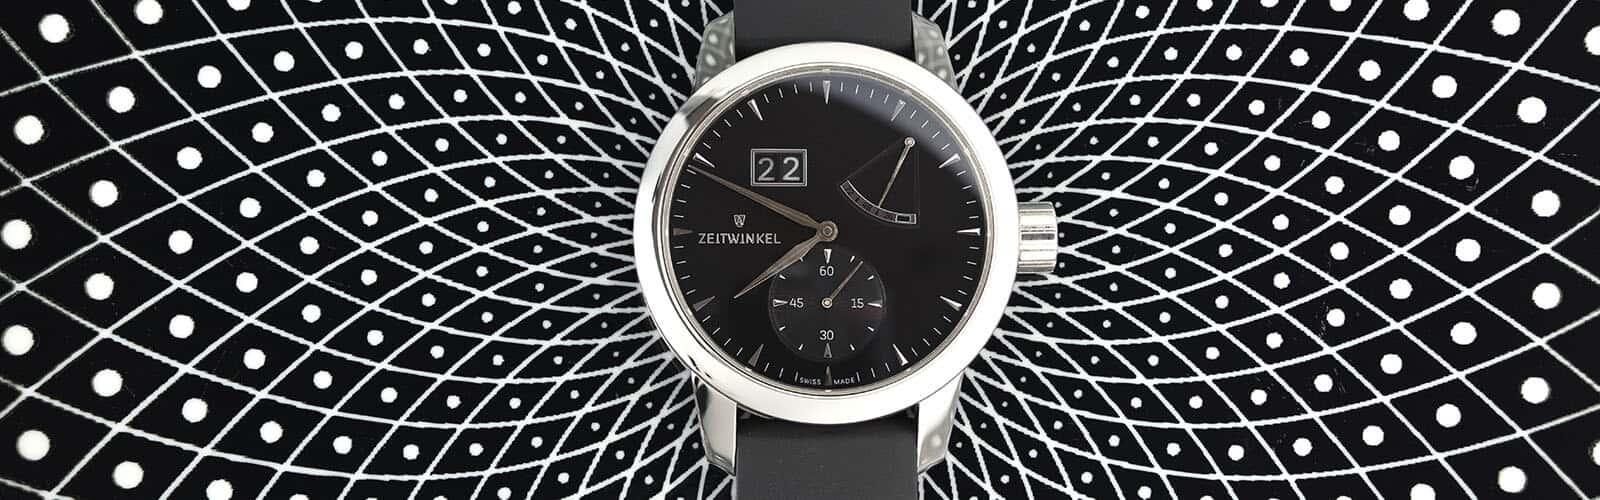 ZEITWINKEL 273° Header2